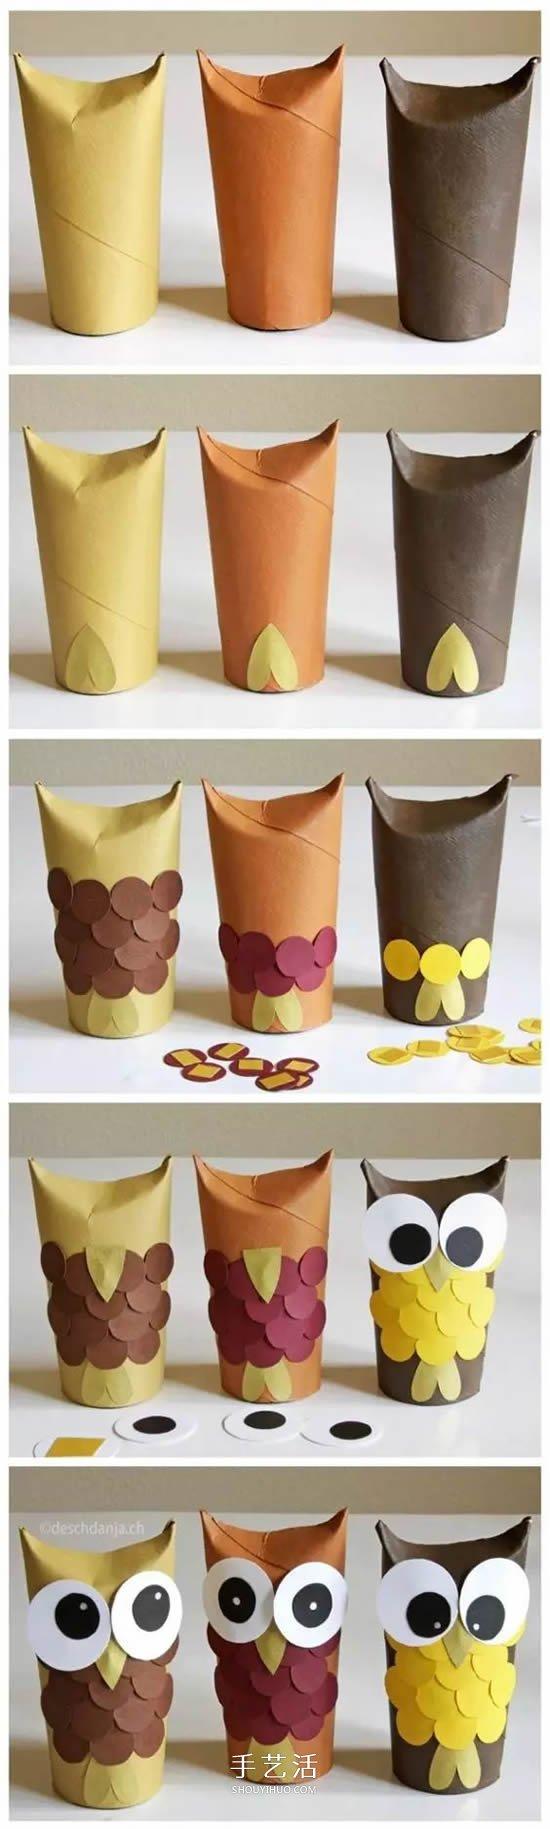 簡單幼兒環保小製作 衛生紙卷芯廢物利用大全